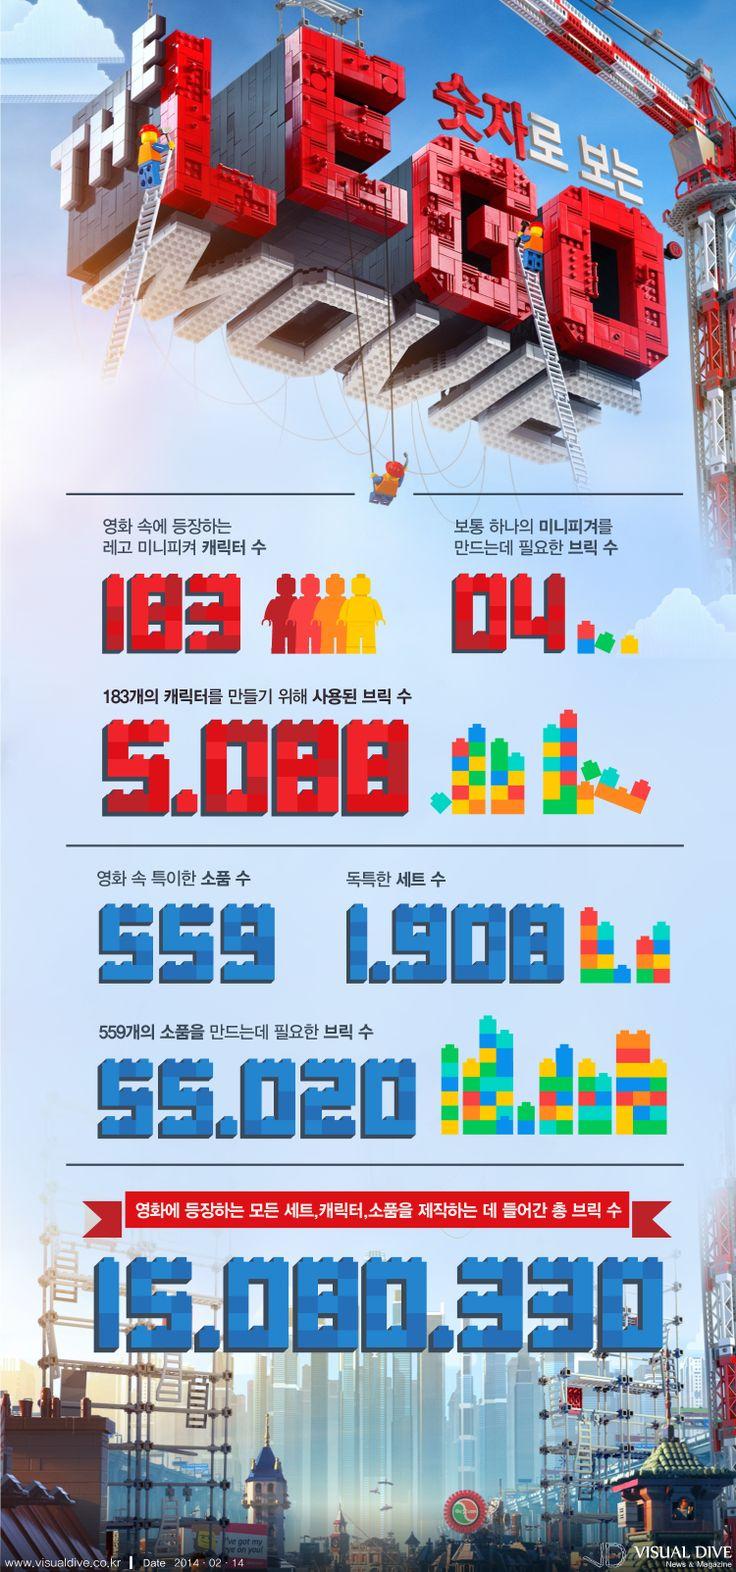 [인포그래픽] 애니메이션 '레고무비' 美 박스오피스 2주 연속 1위 #lego / #Infographic ⓒ 비주얼다이브 무단 복사·전재·재배포 금지